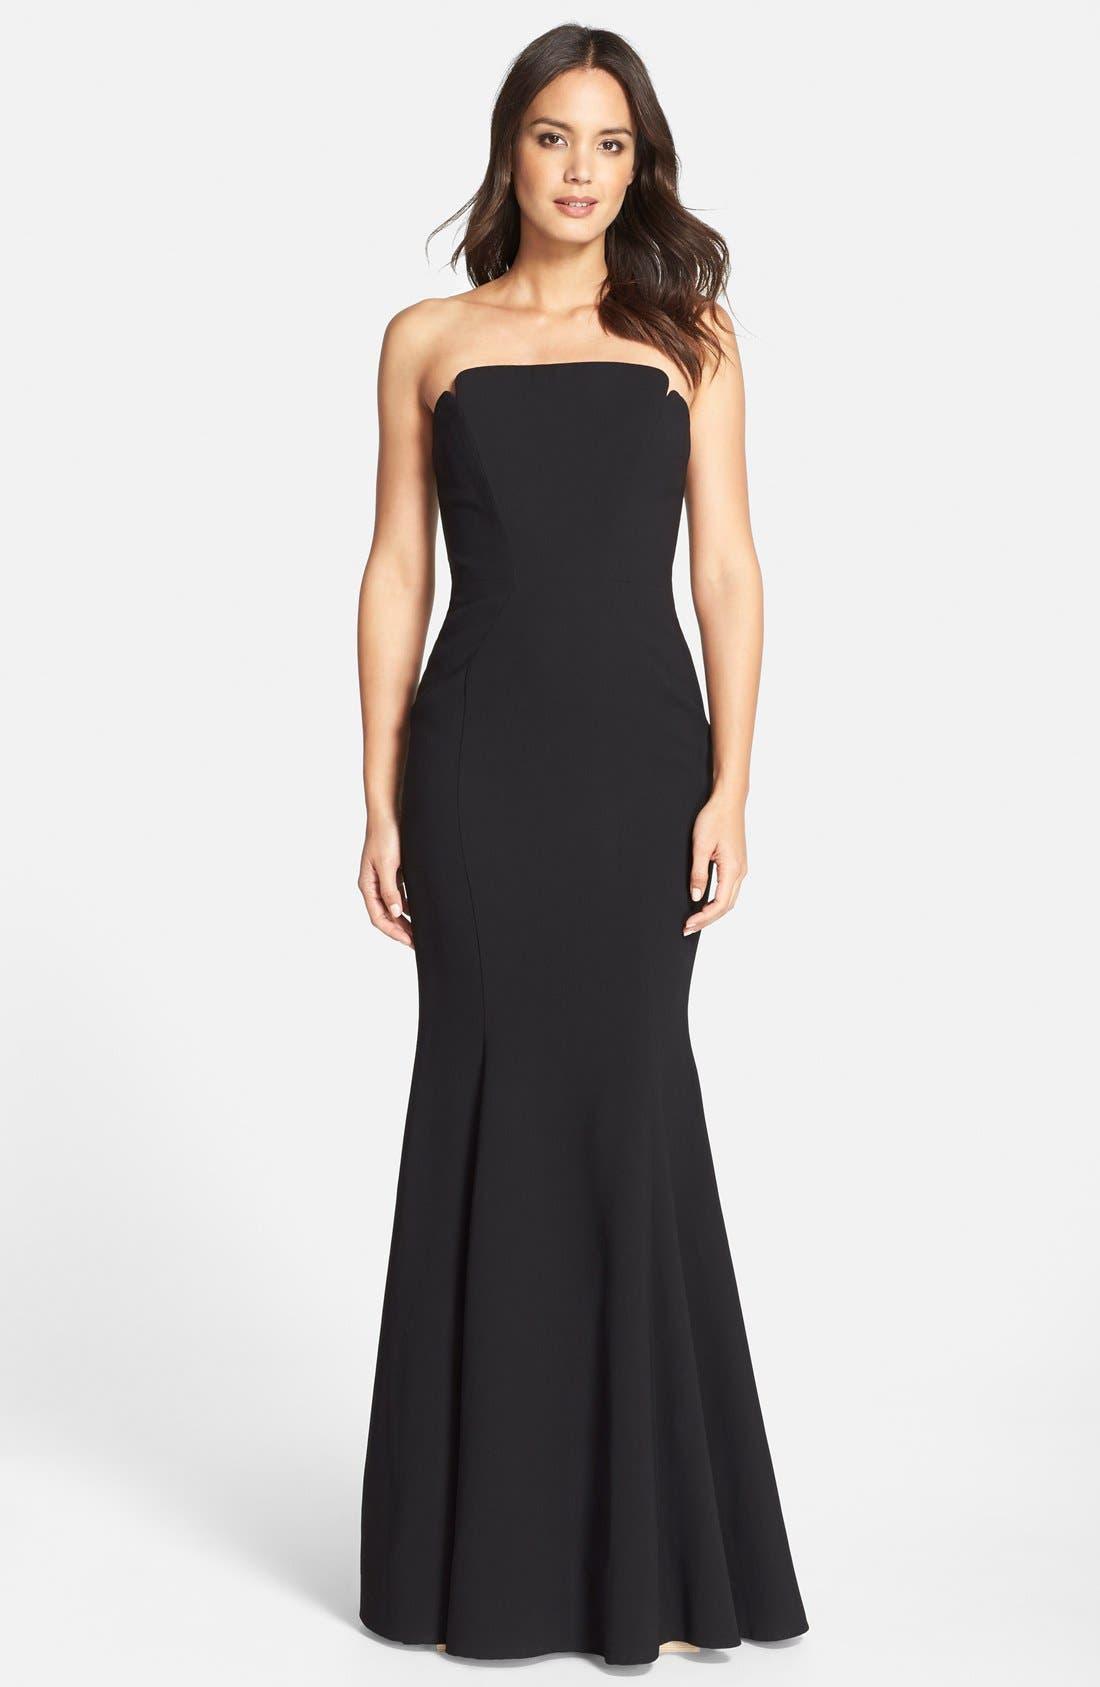 Jill Jill Stuart Notched Strapless Gown